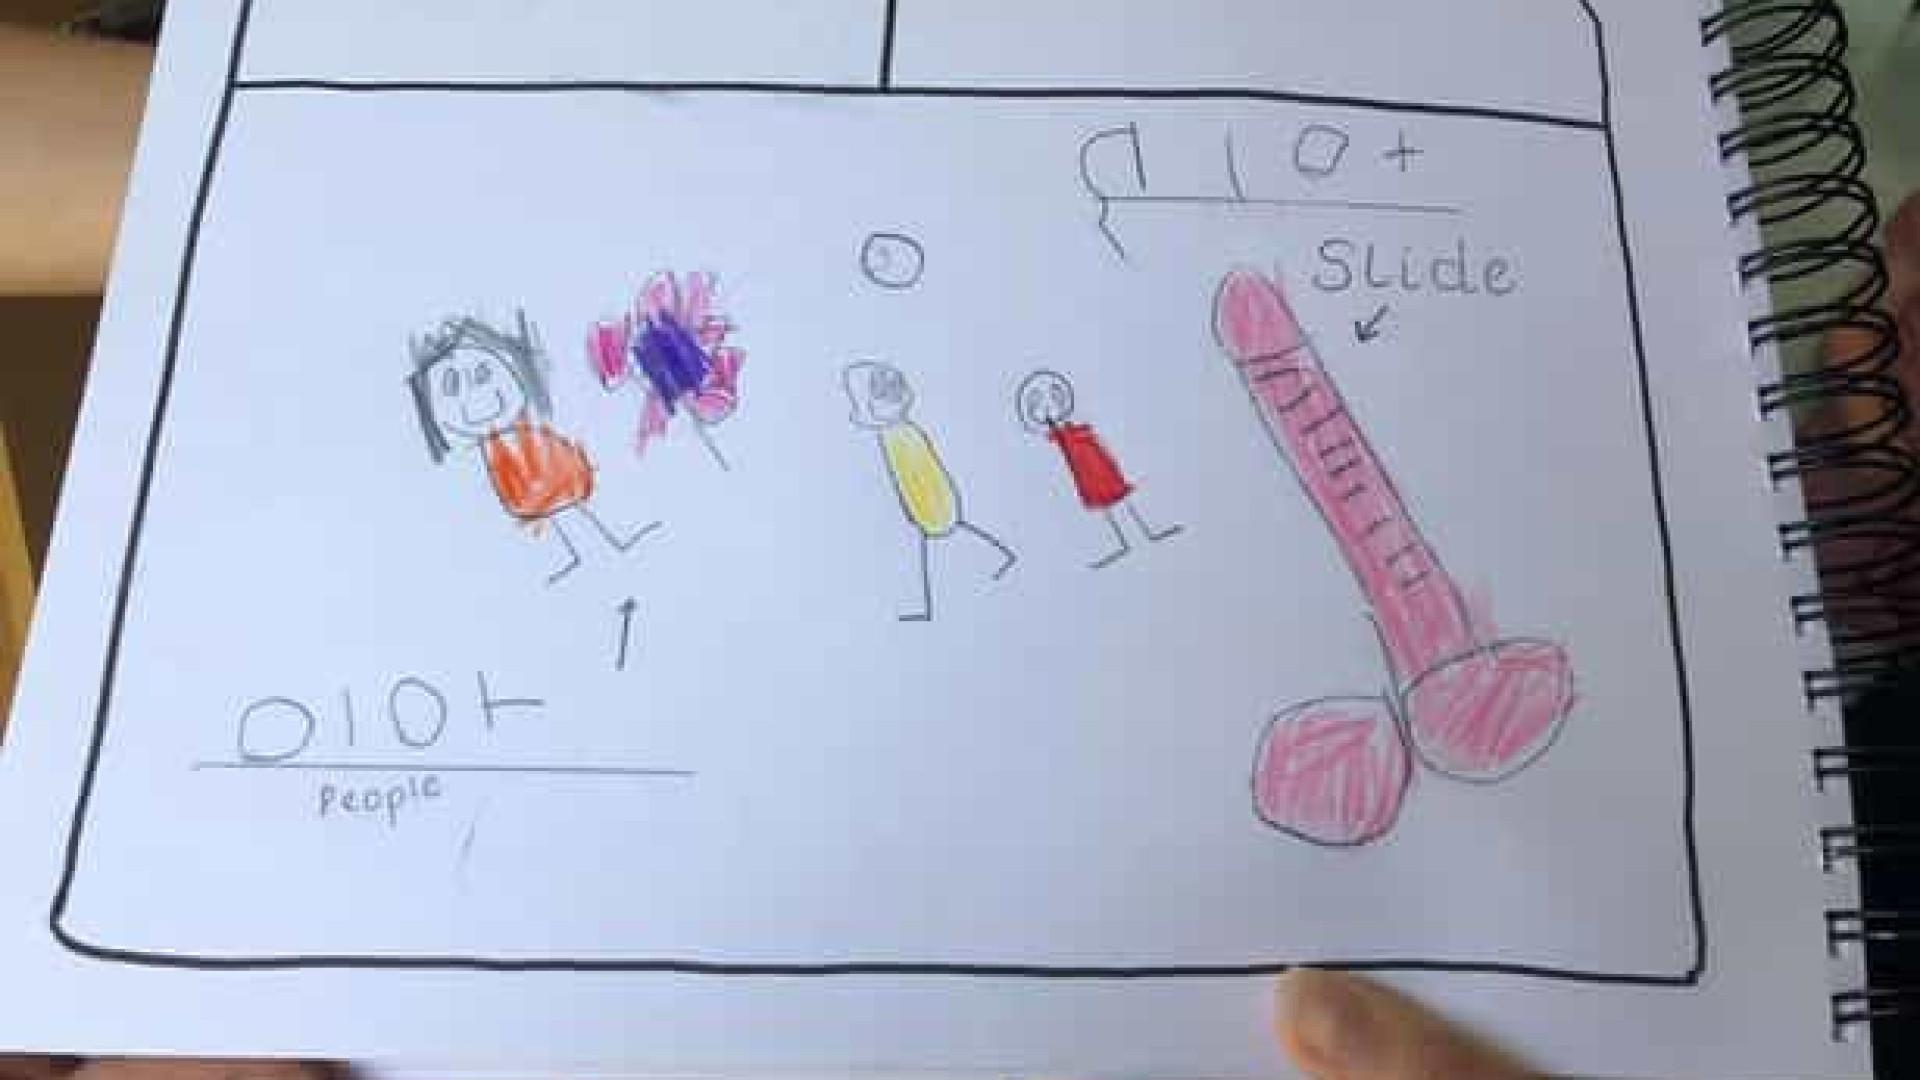 Mãe foi chamada à escola da filha por causa deste desenho